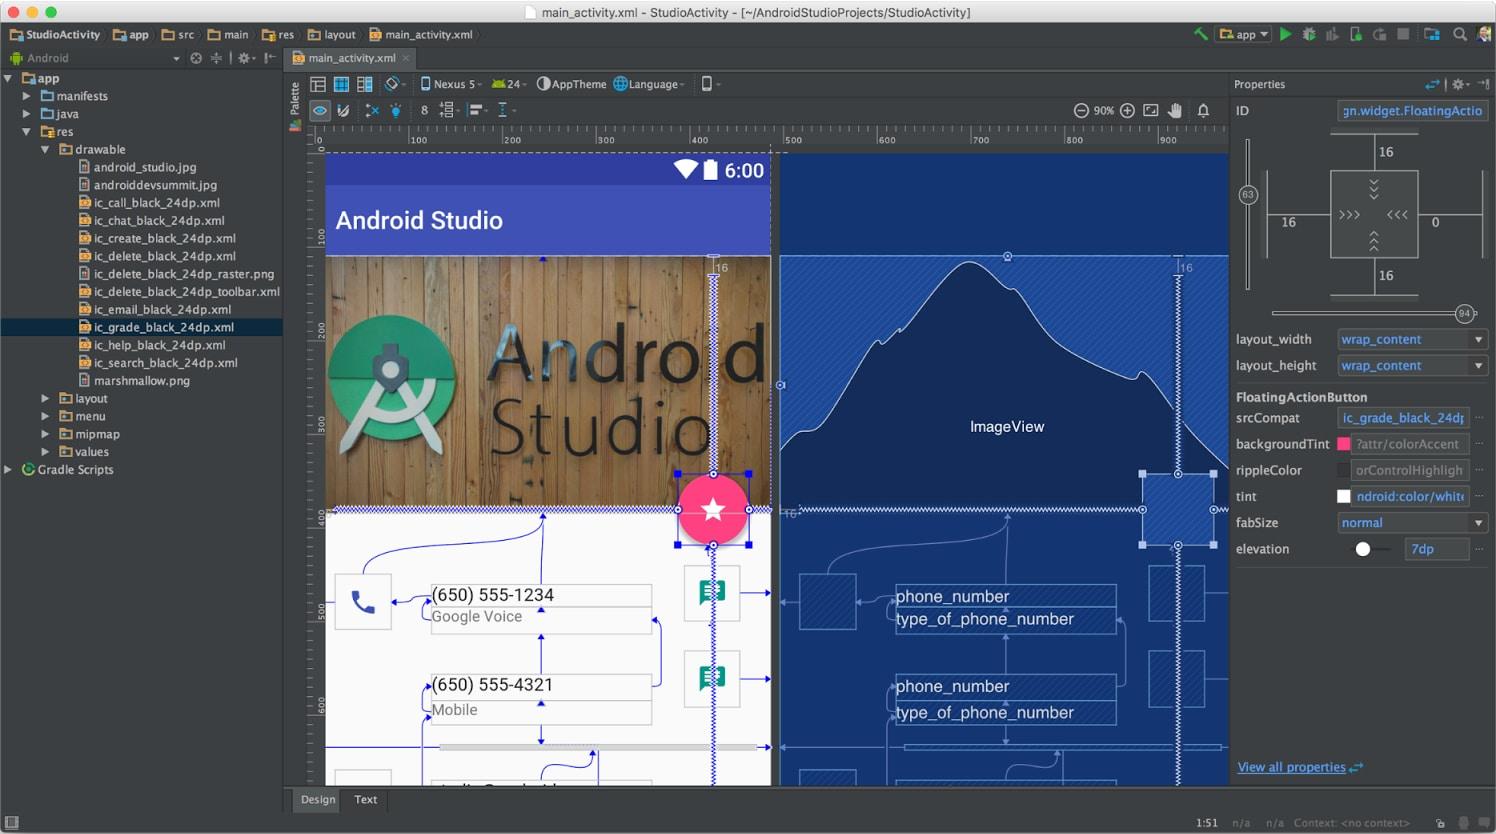 Android Studio 2.2: analizzatore di APK, editor di layout, sensori nell'emulatore e altro